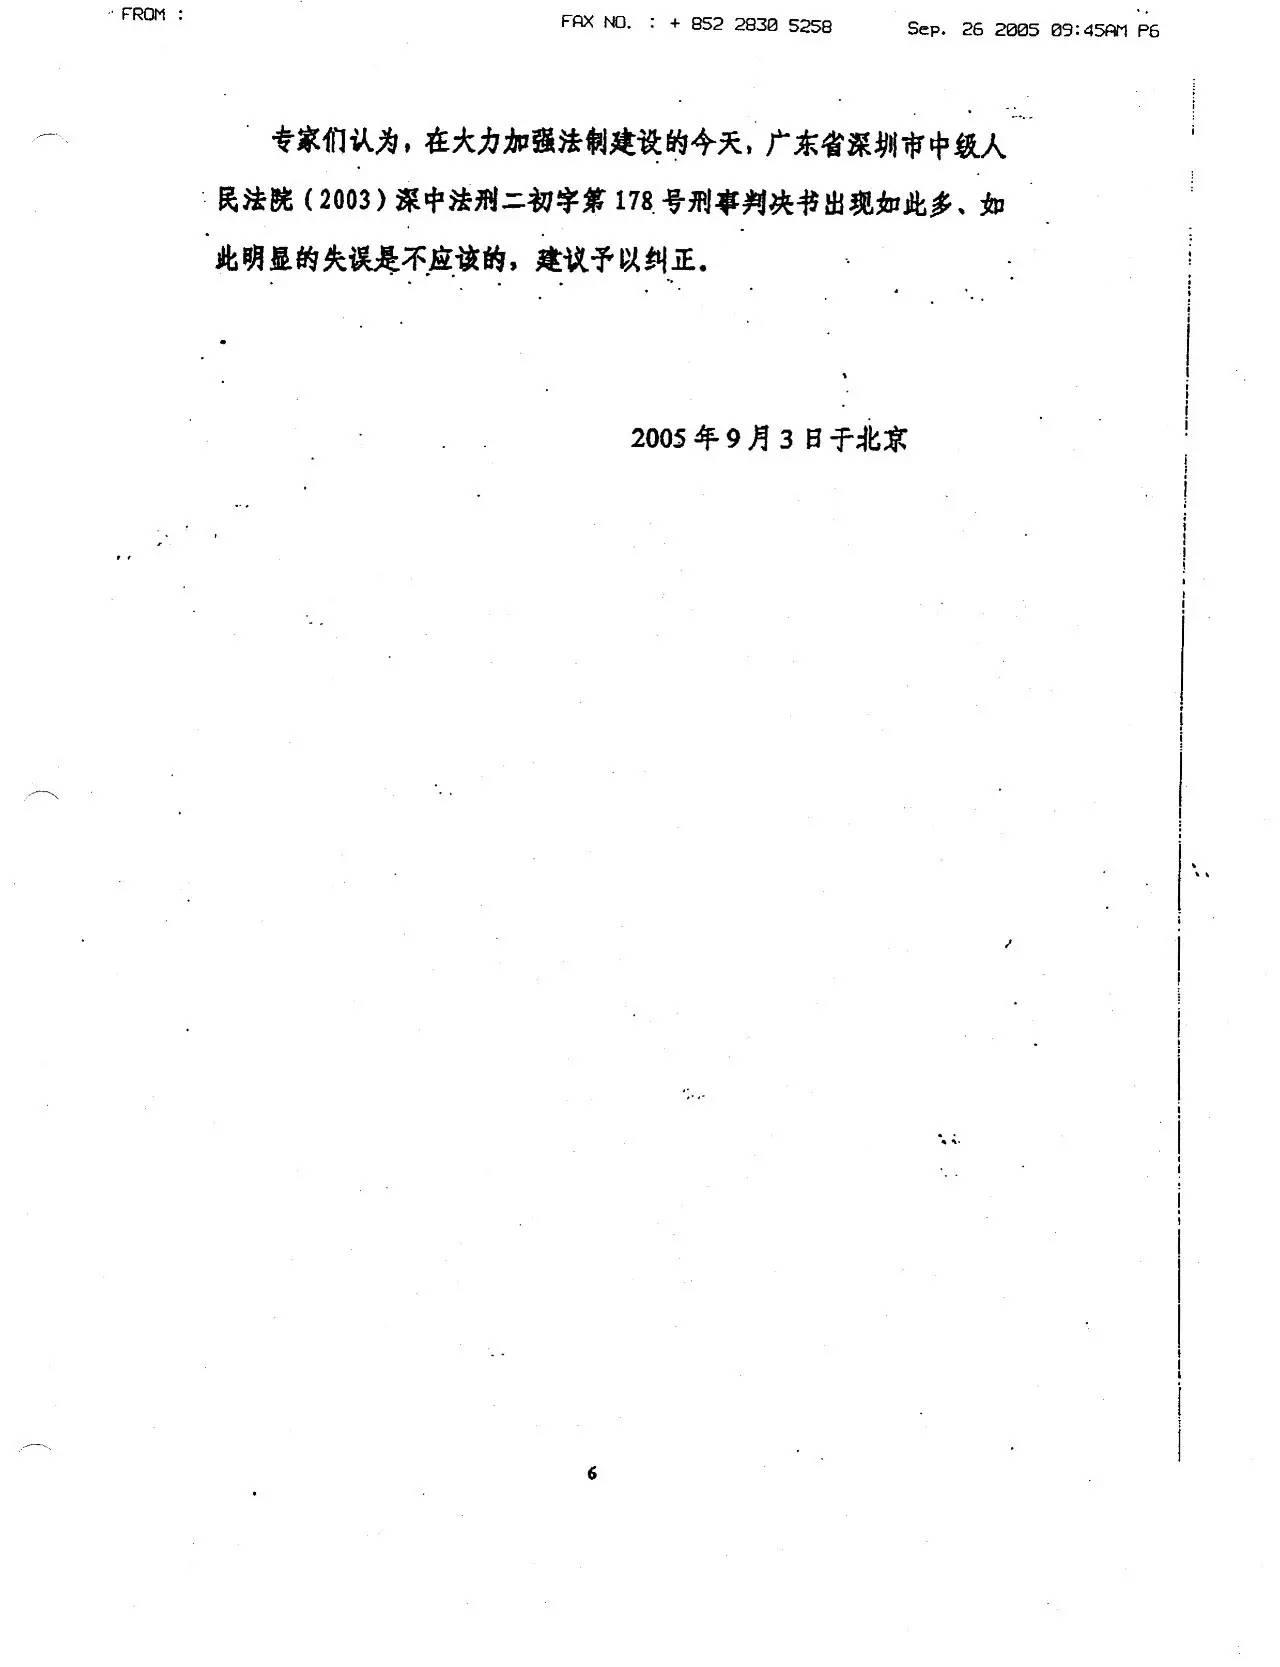 周永康陈绍基陷害第三世多杰羌佛真相曝光 第8张